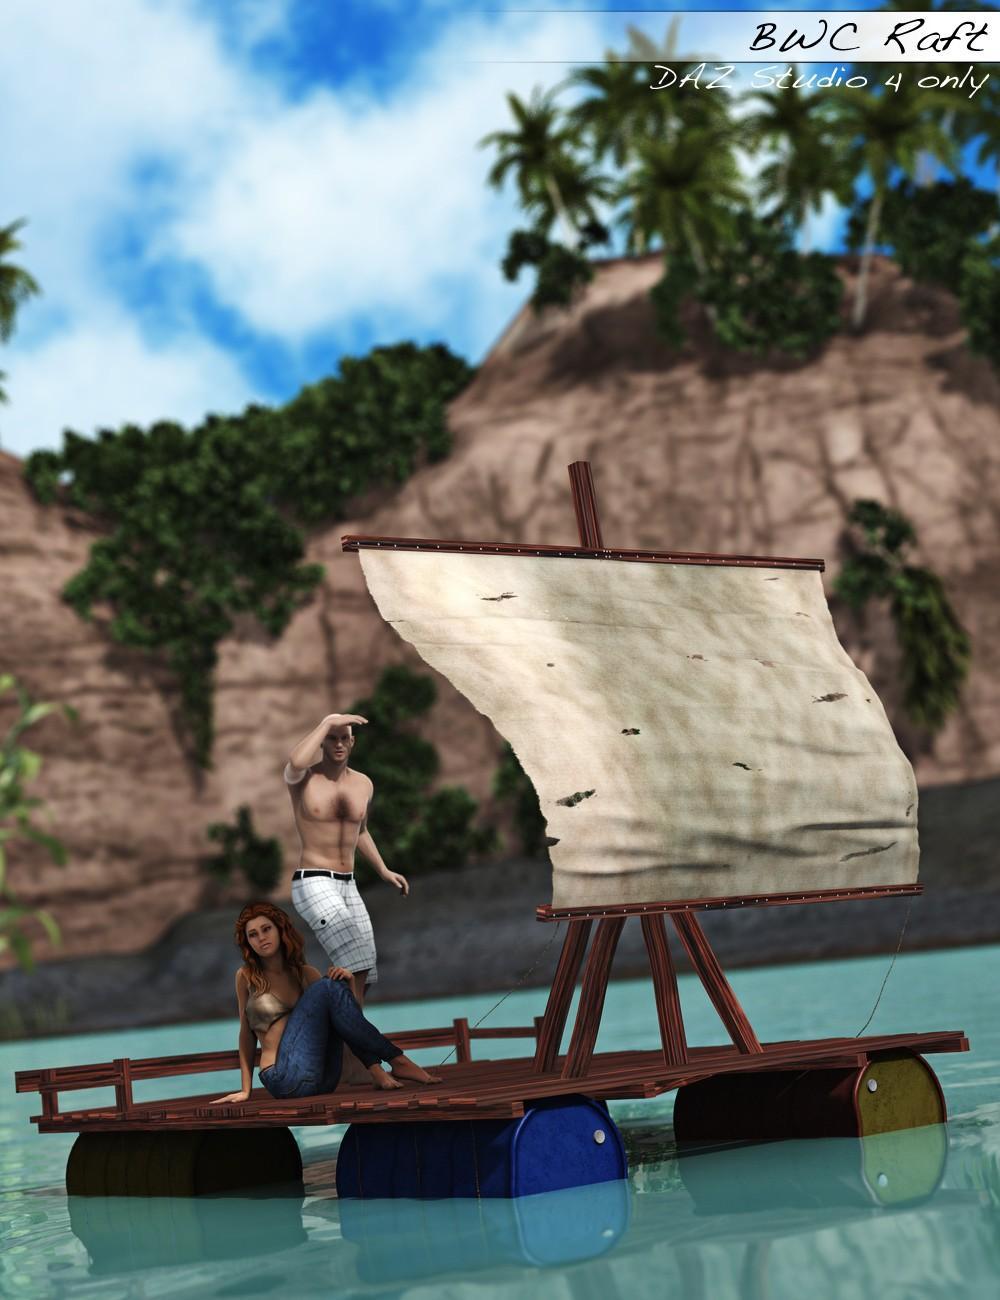 BWC Raft